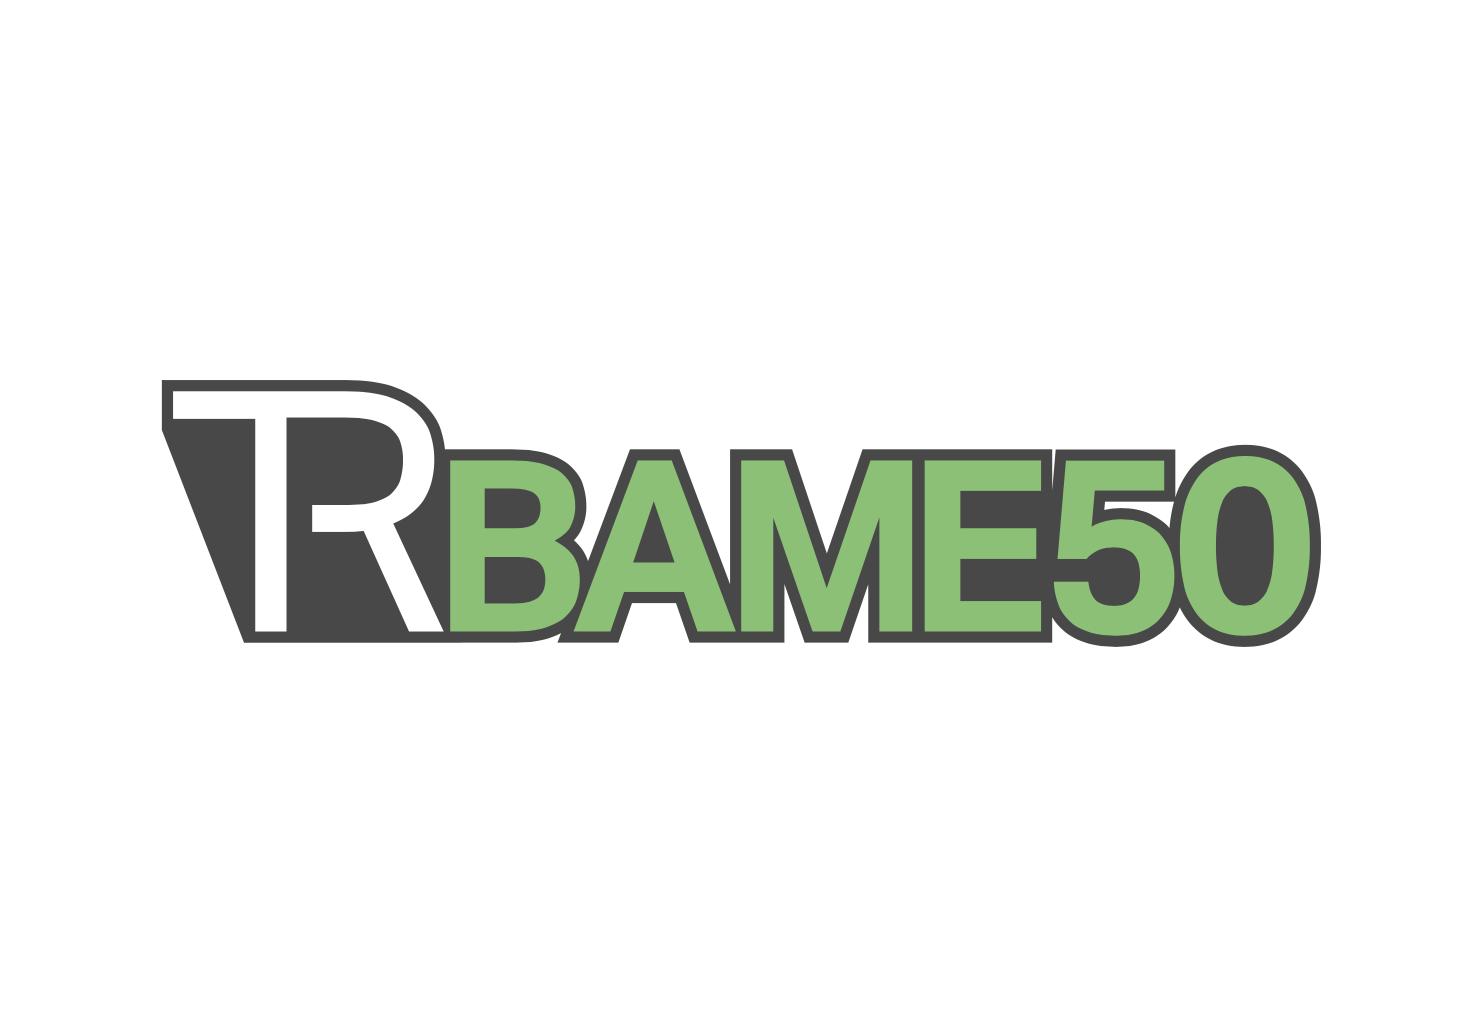 bame-50-entrepreneurs